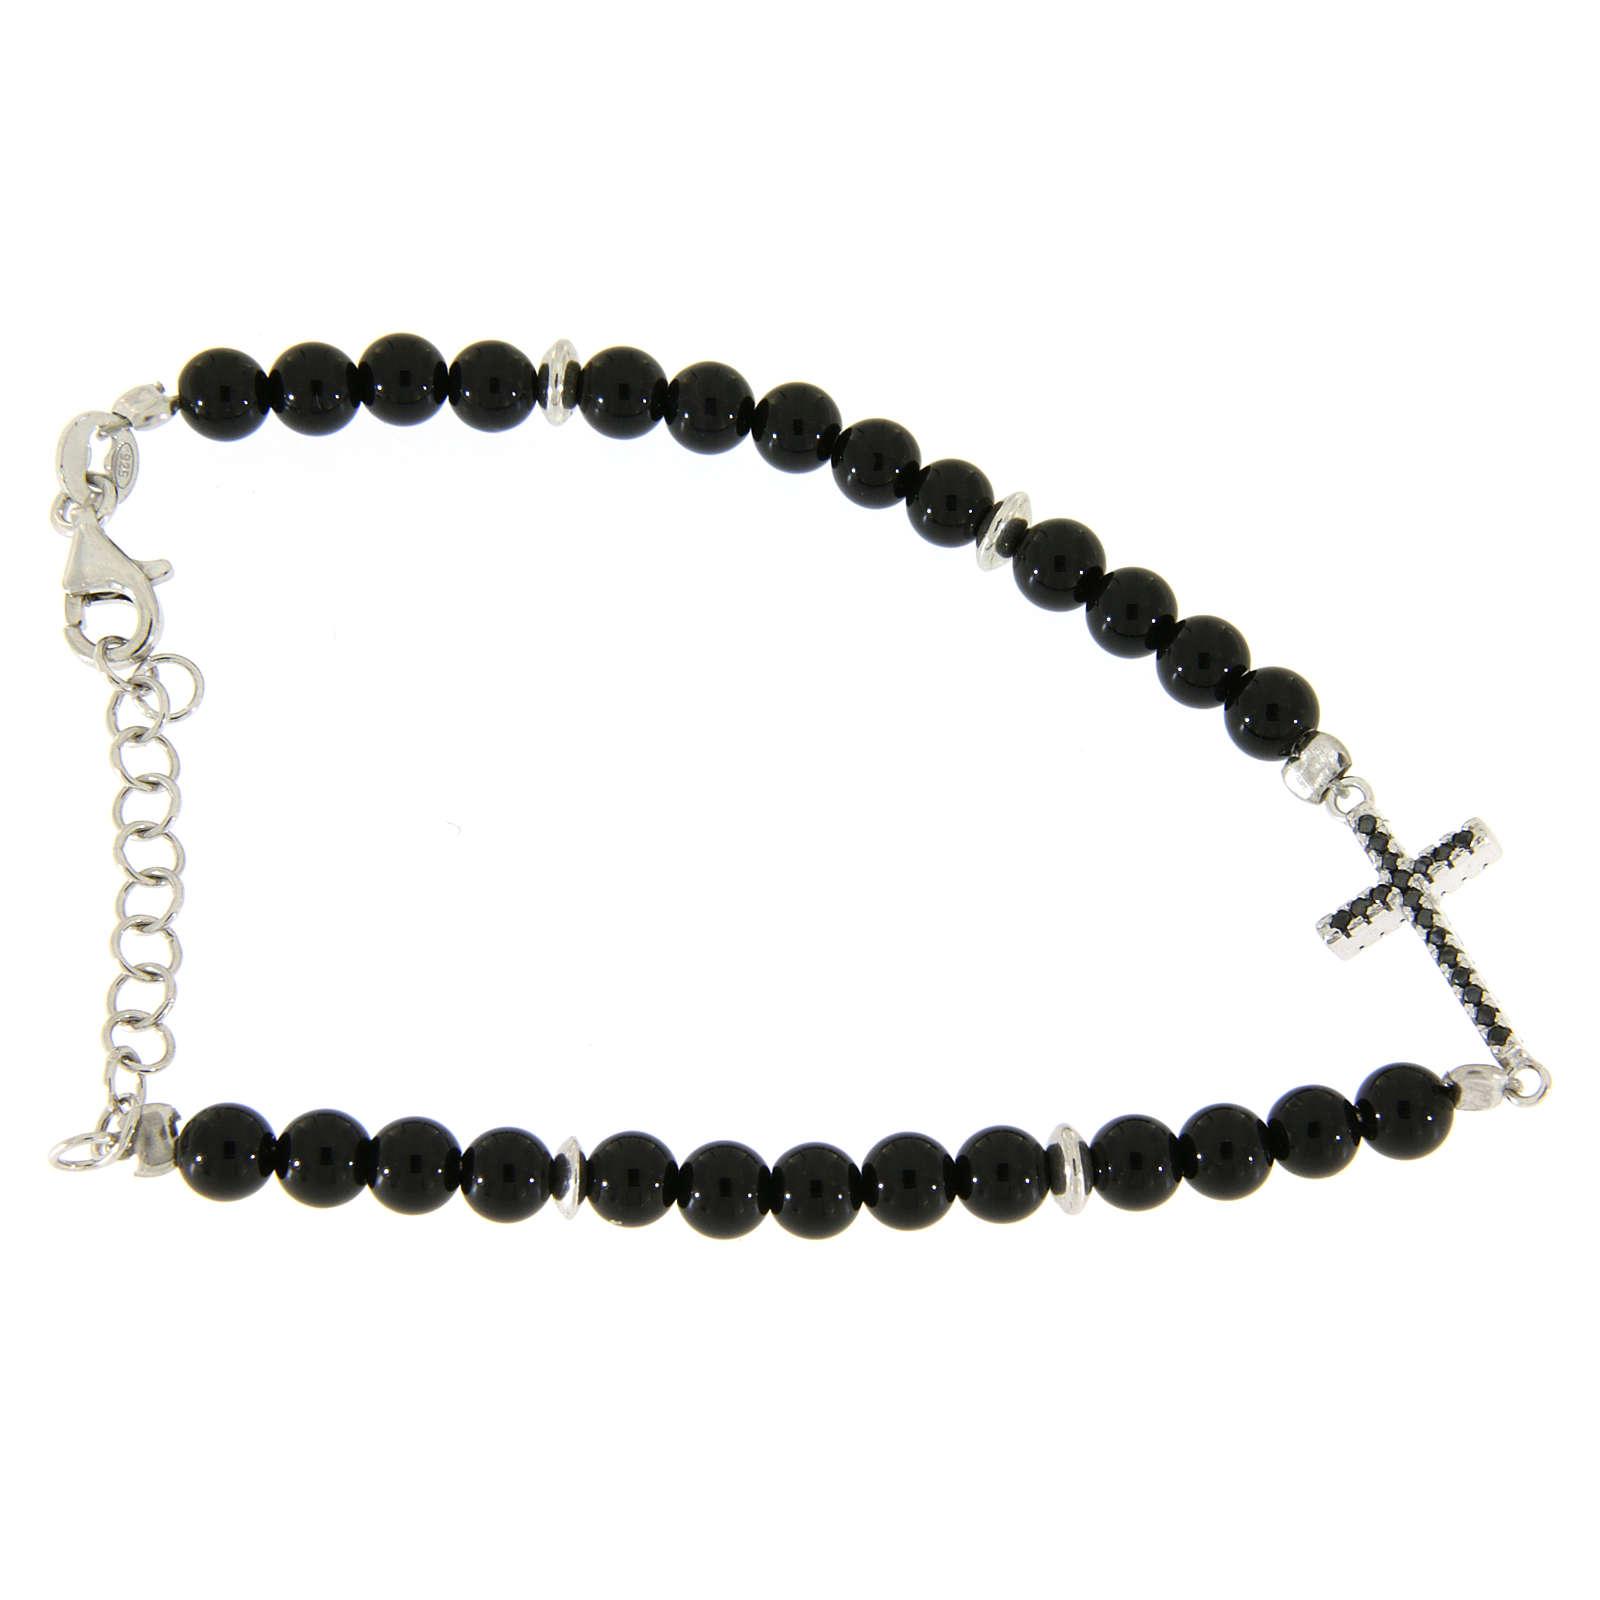 Bracelet détails et croix argent zircons noirs perles onyx noir brillant 4,2 mm 4